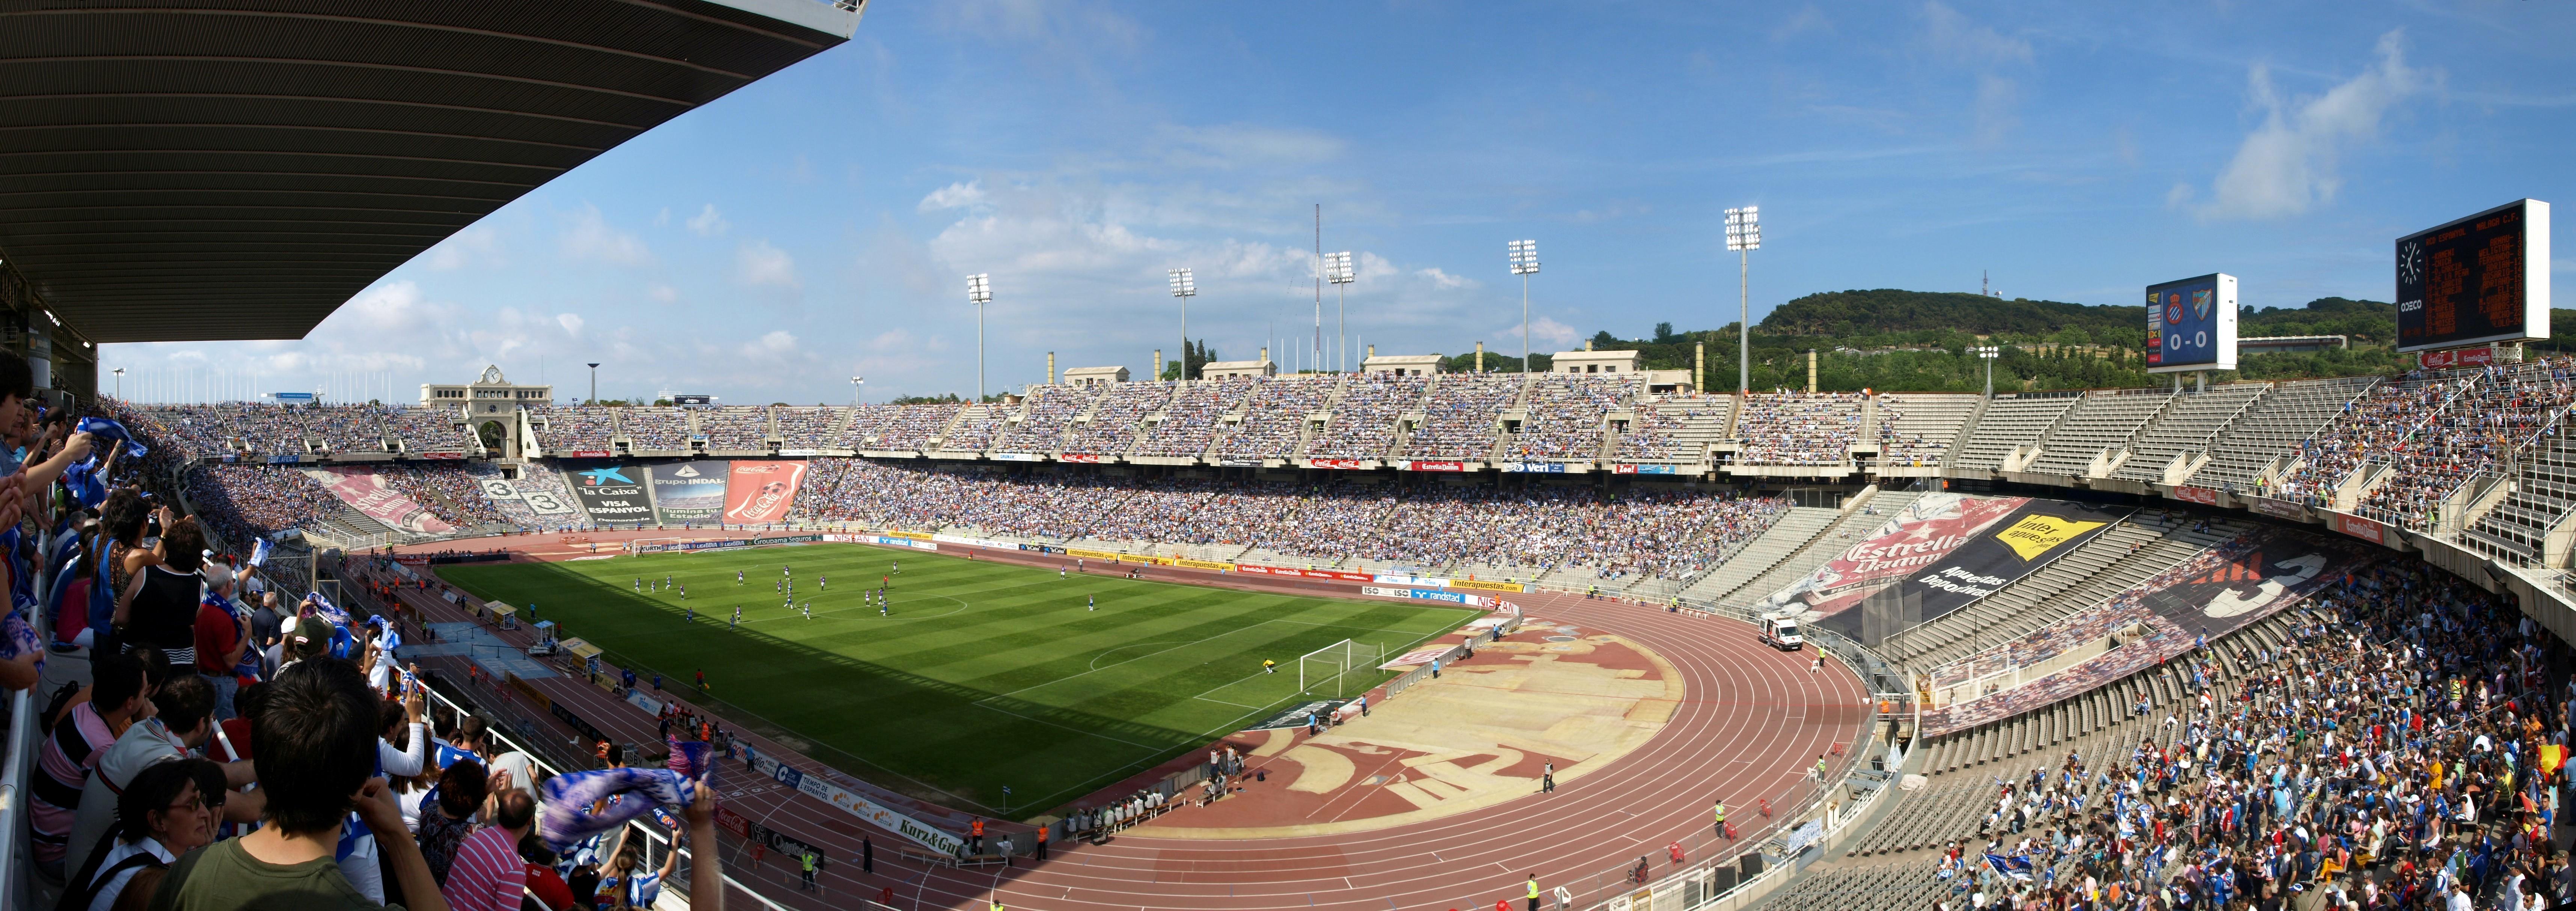 A quand un match du Top 14 au Stade Olympique de Montjuic ?